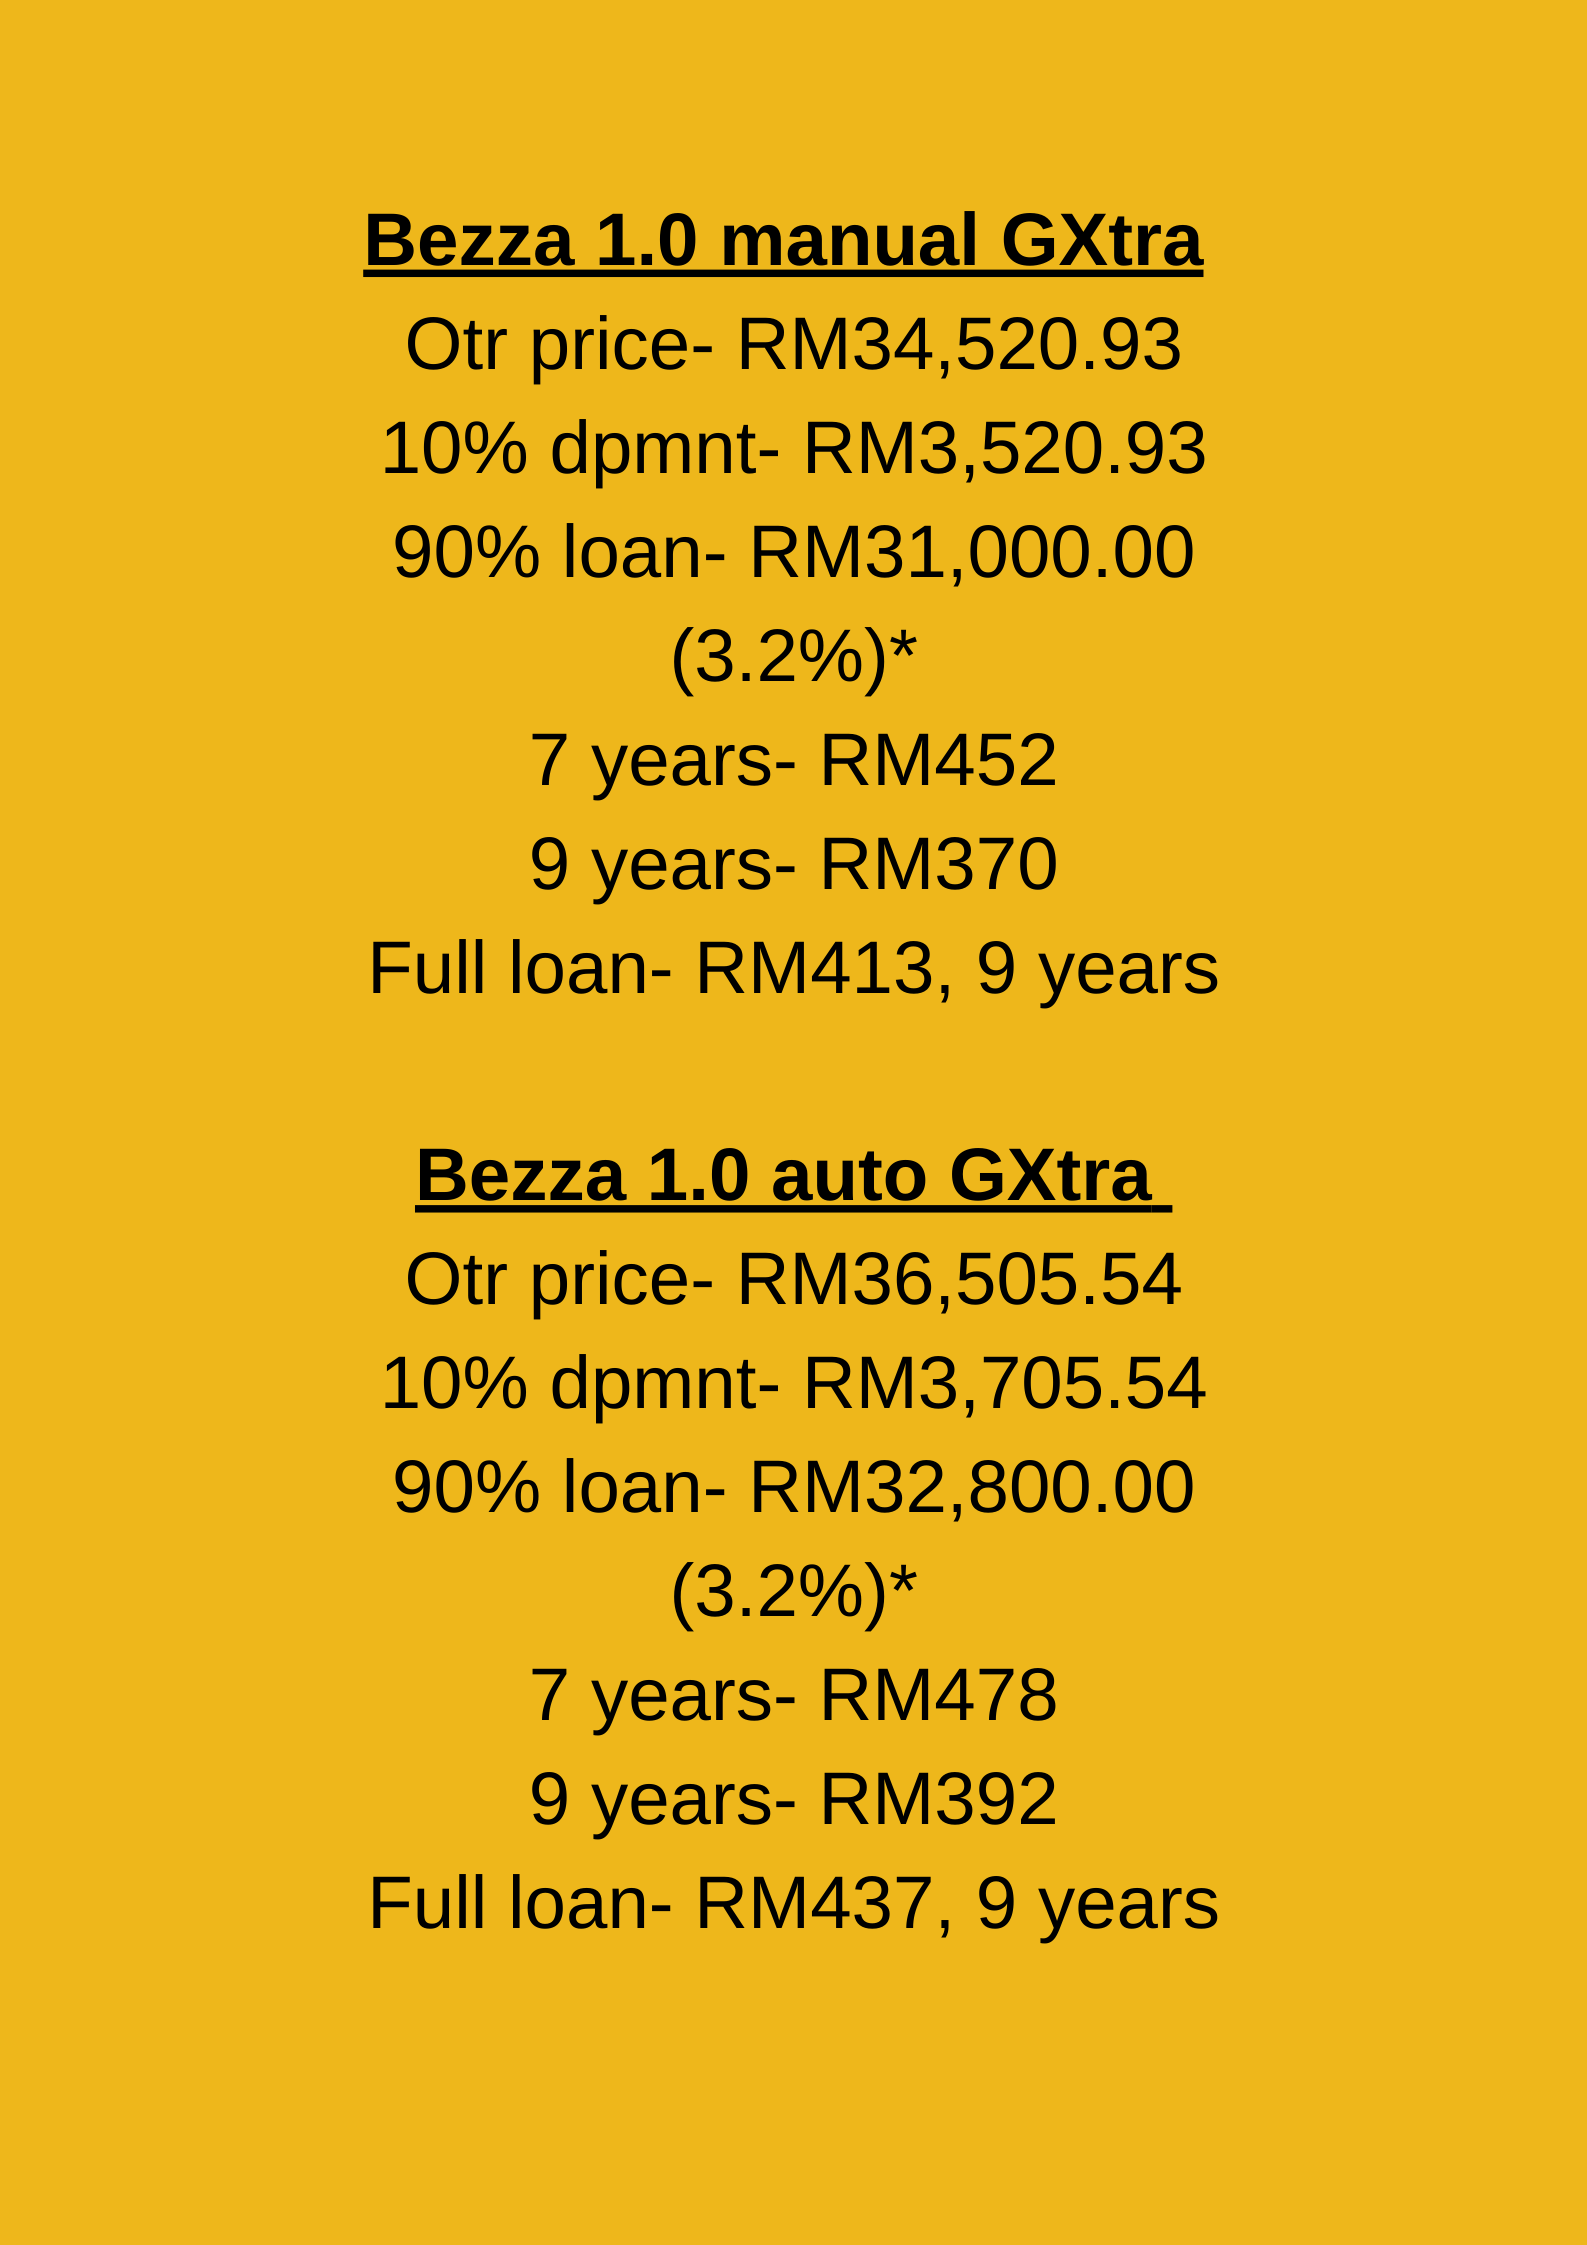 Bezza Price